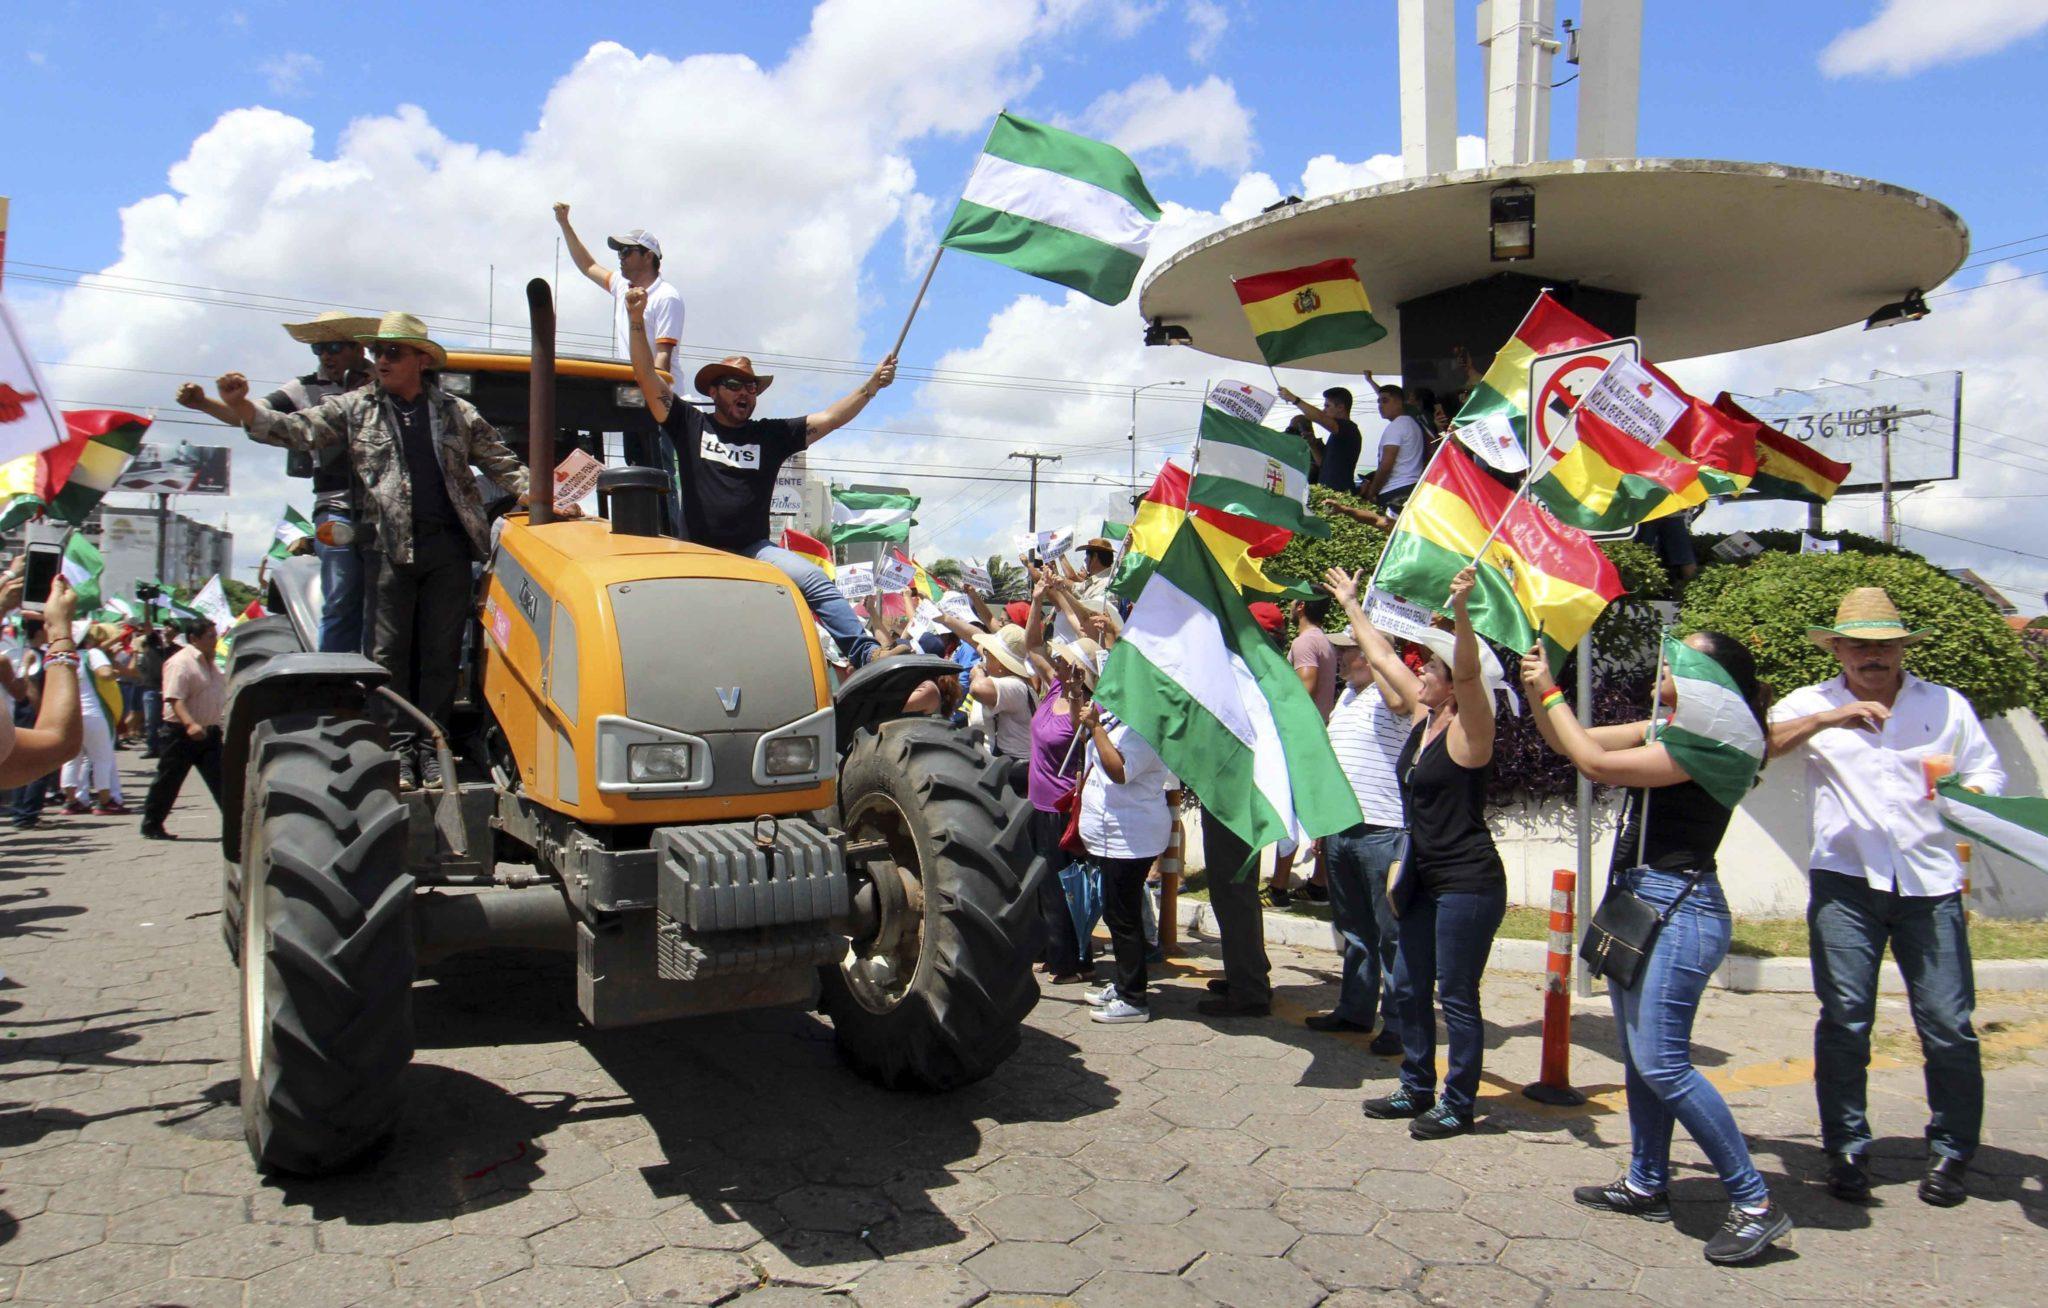 Boliwia: protest przeciwko nowemu kodeksowi karnemu przyznającemu prezydentowi nowe uprawnienia. Protestujący wyszli na ulice głównych miast Boliwii, fot: Juan Carlos Torrejon, PAP/EPA